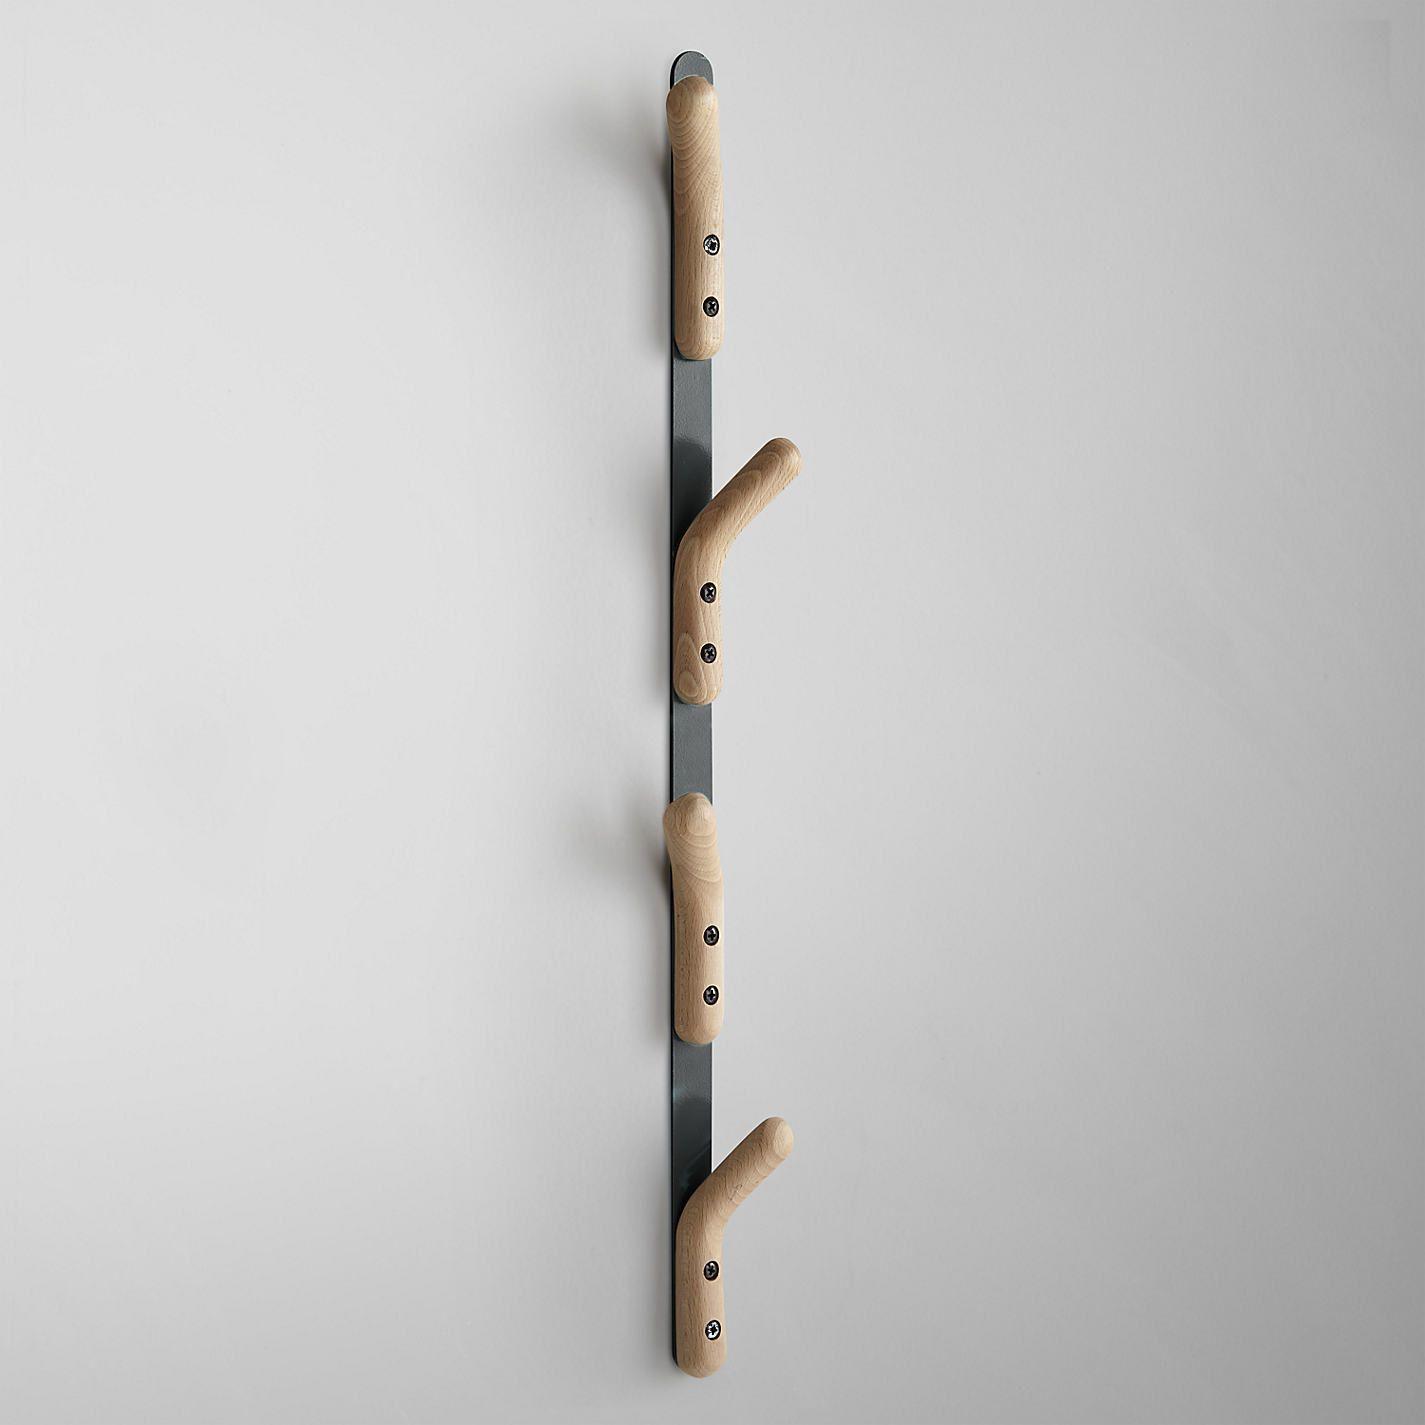 Appendiabiti Verticale.Node V 44 90 Sconto 50 Appendiabiti Verticale Da Fissare A